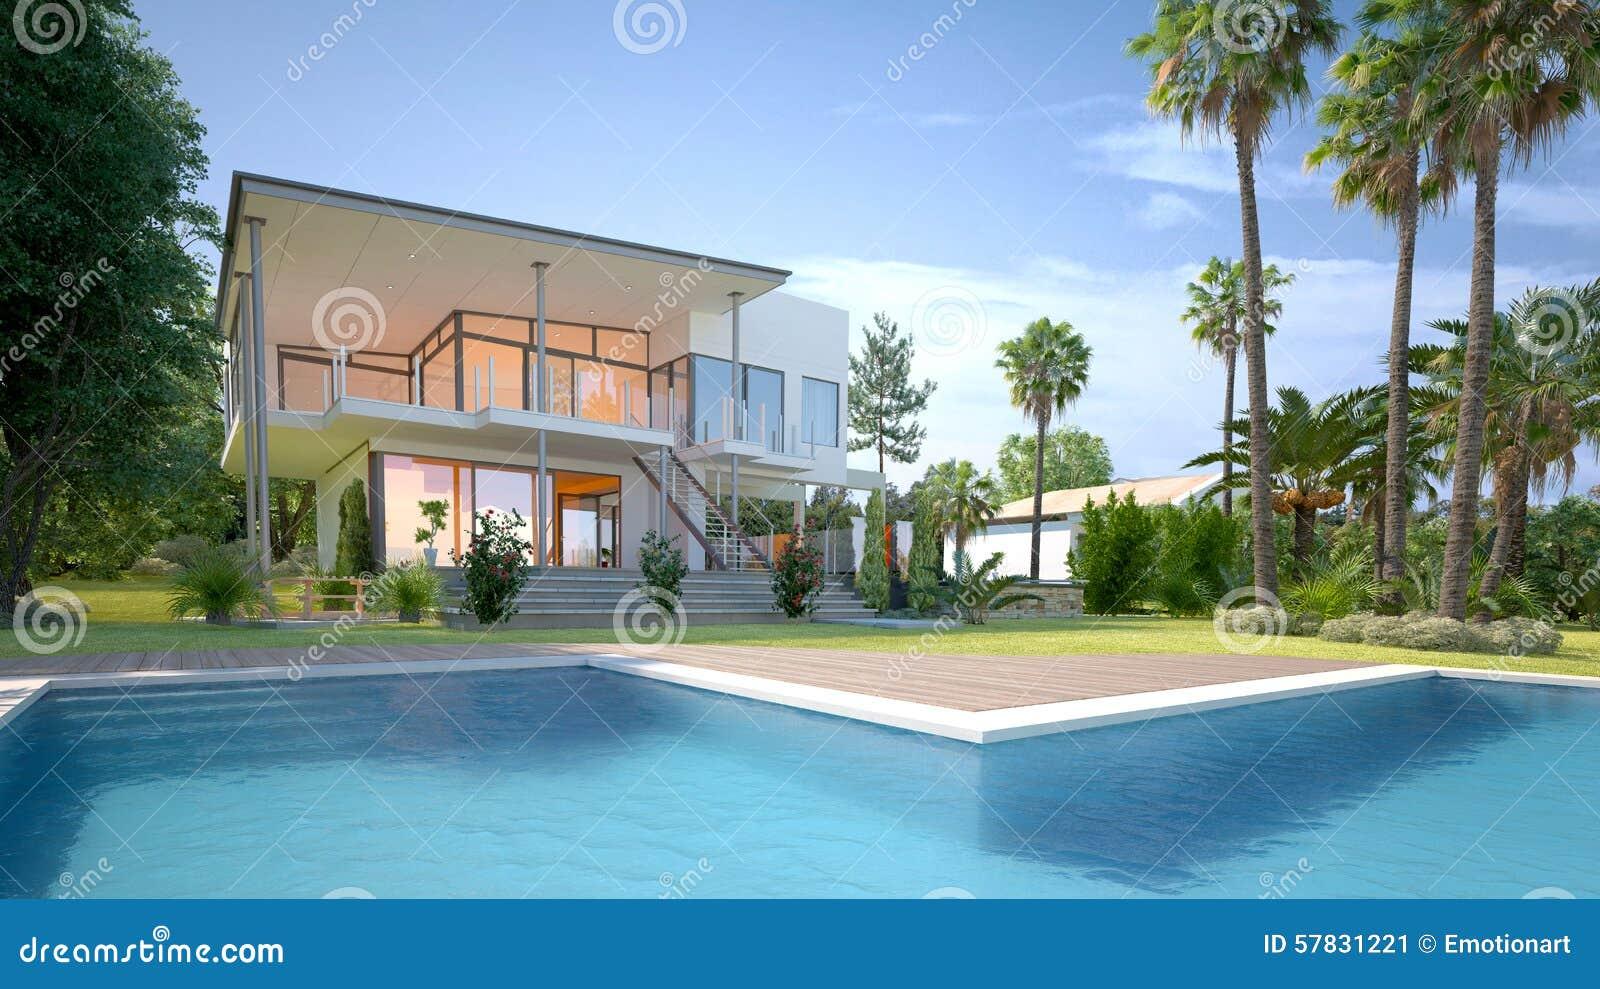 Luxushaus Mit Tropischem Garten Und Pool Stock Abbildung